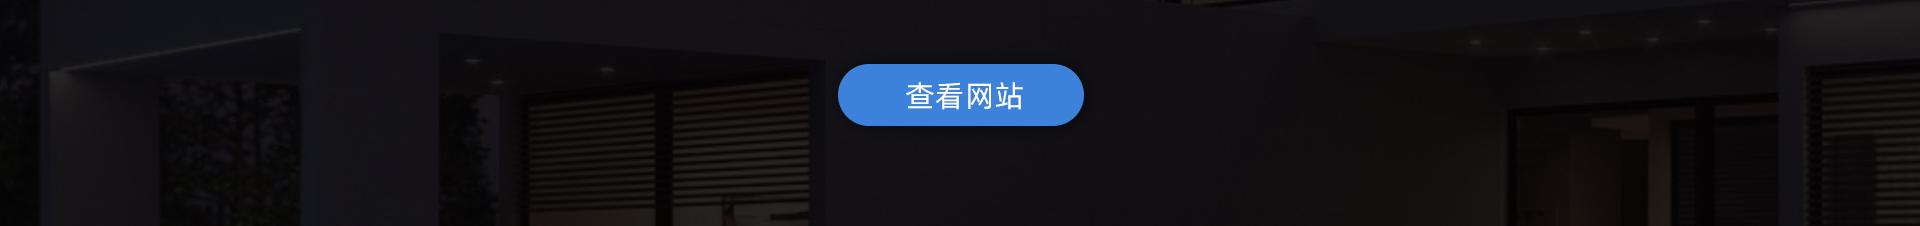 顺乐-阮光成-云企案例设计简介2019-6-14_02